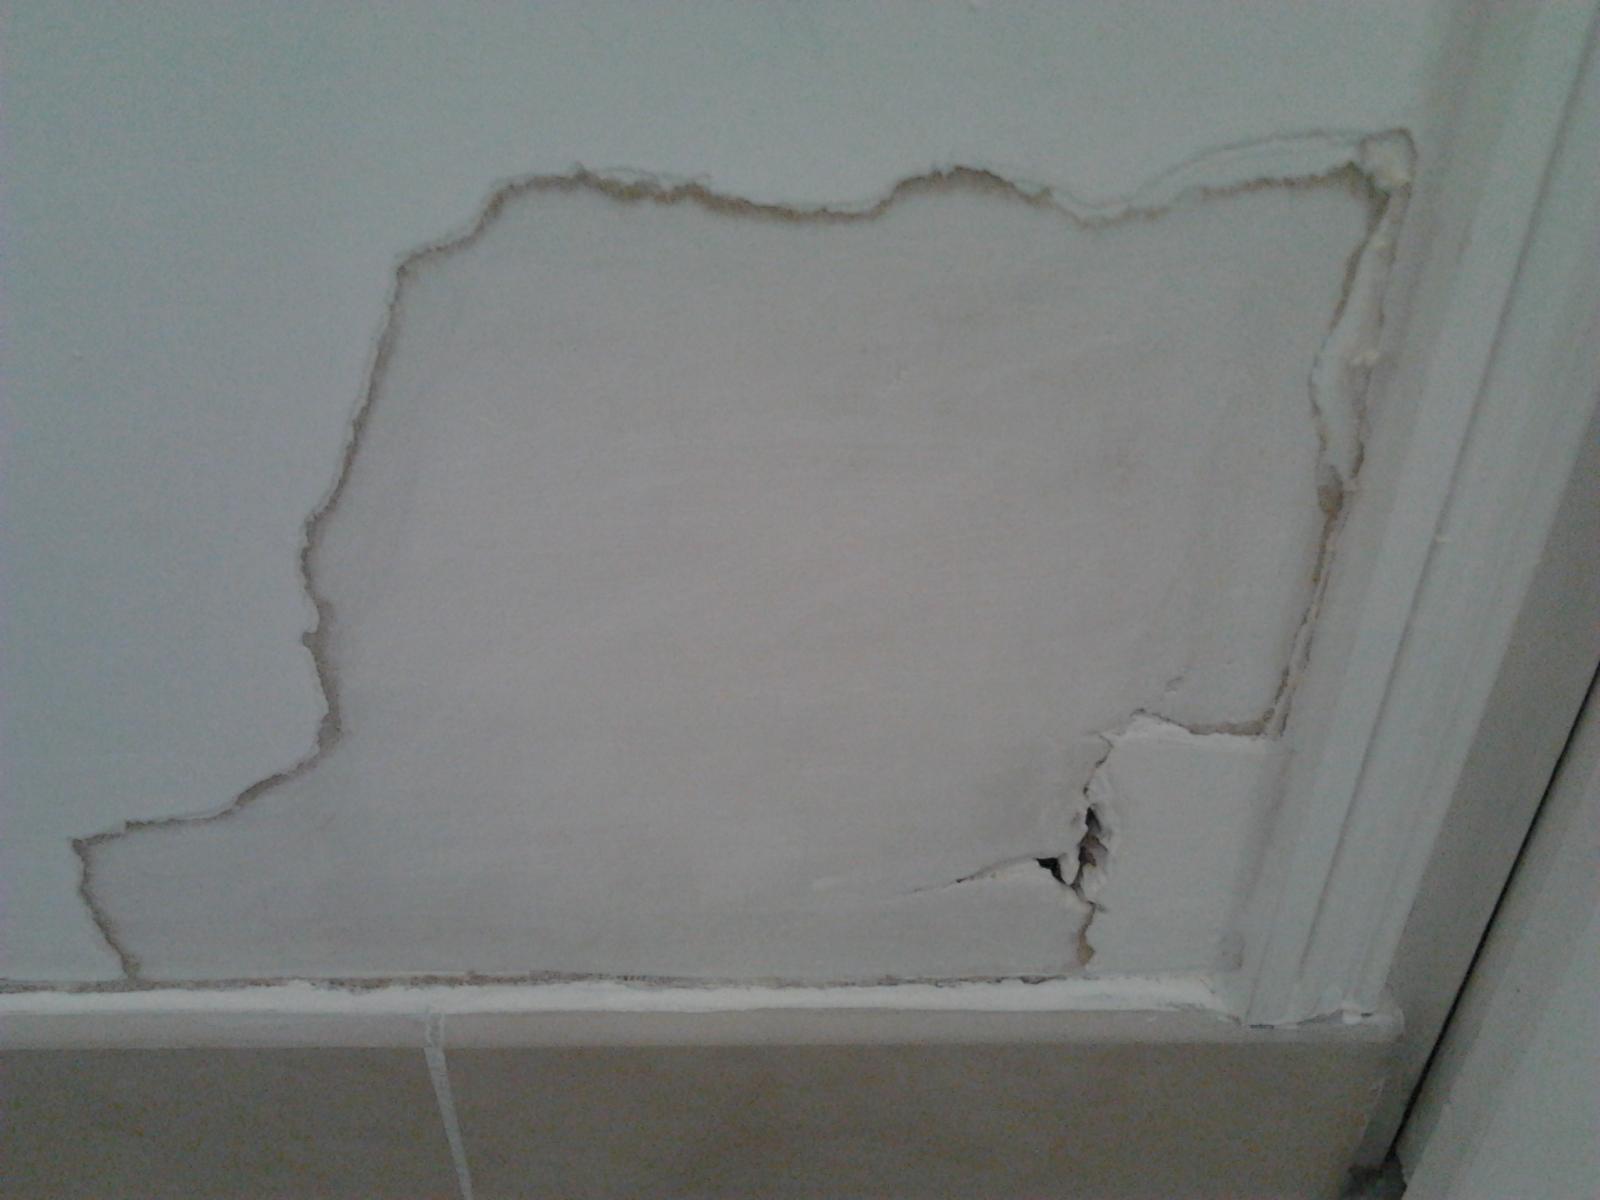 Humidit Dans Mur En Pl Tre Au Niveau Des Plinthes